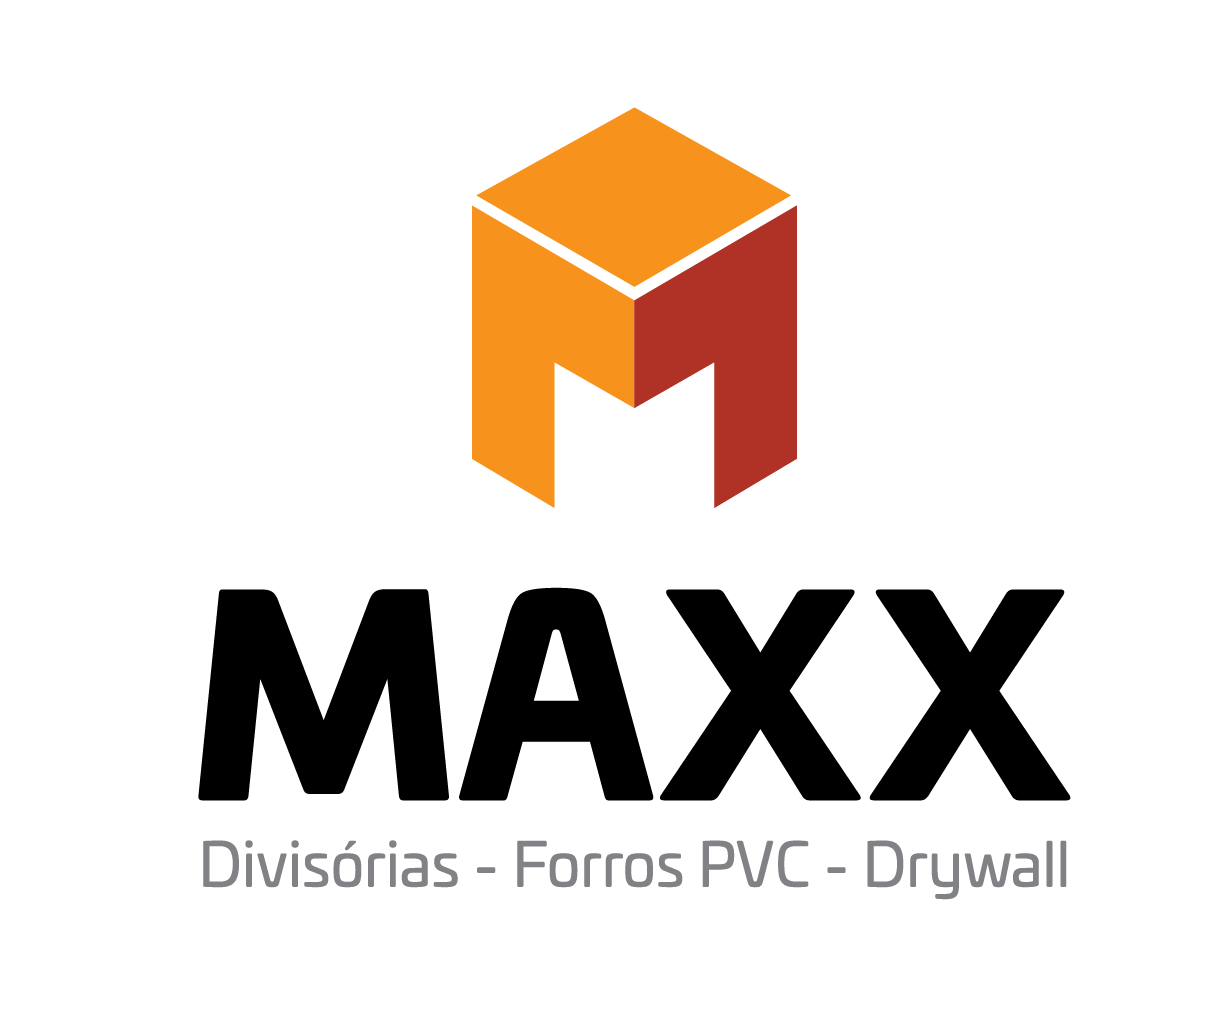 Onde Comprar Forro de Pvc Liso Anália Franco - Forro de Pvc Colorido - Maxx Forro